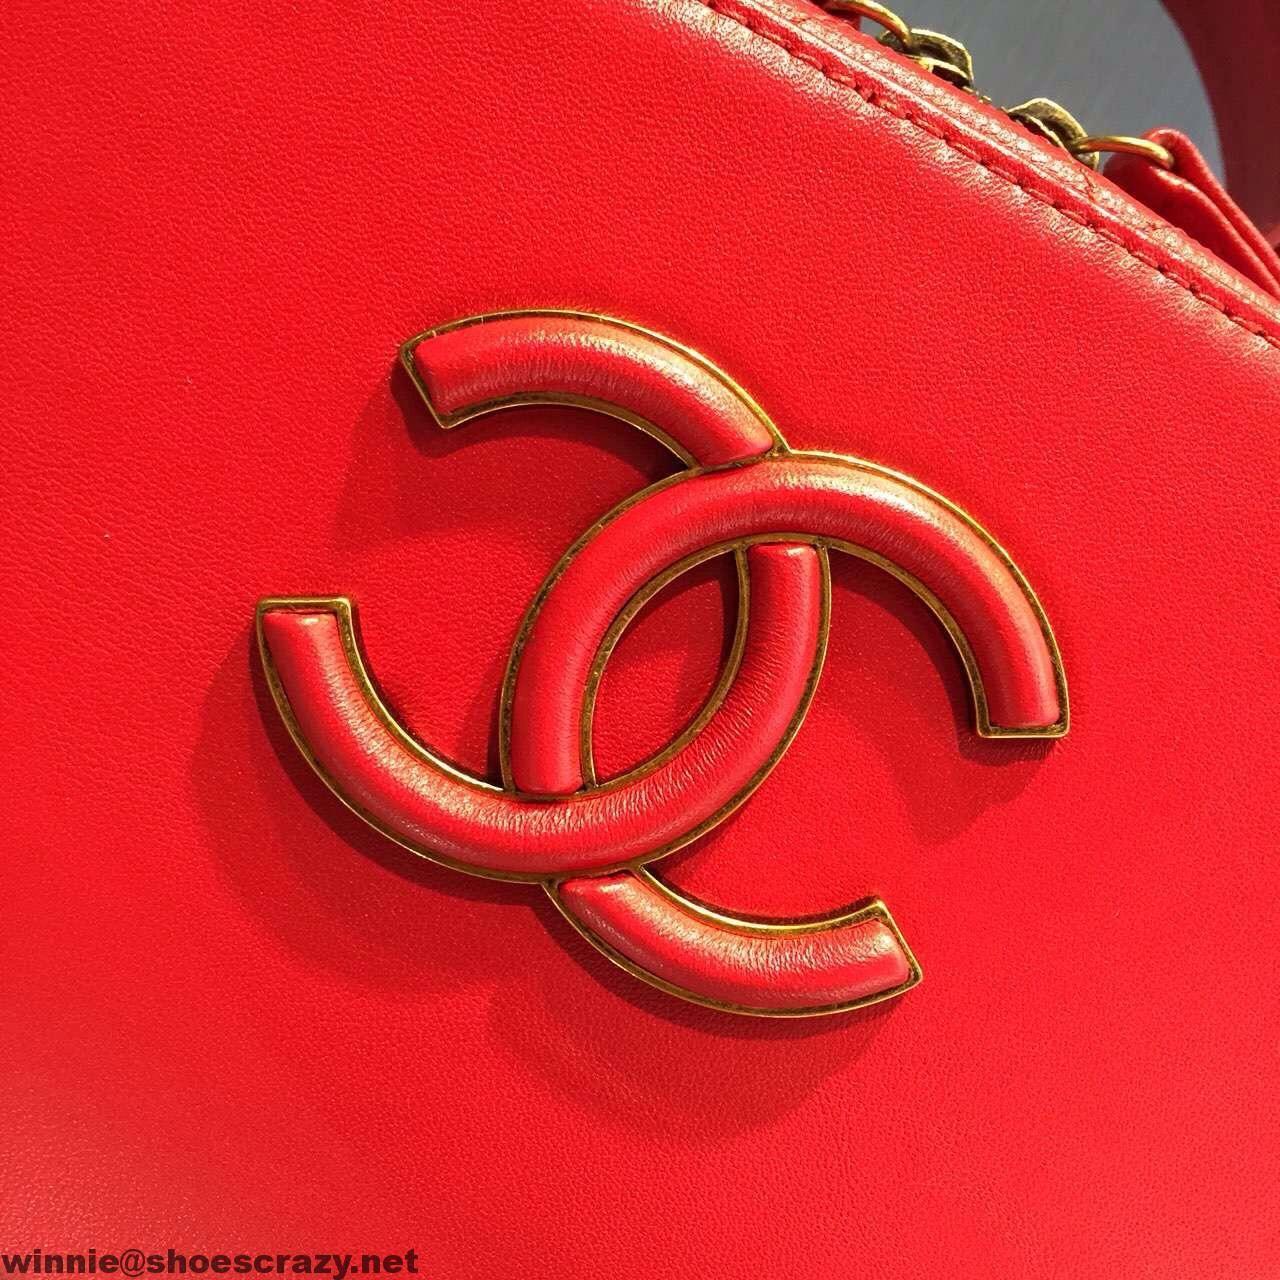 249c802c09a9 Chanel Coco Curve Flap Messenger Bag A93460 Paris 2016  298